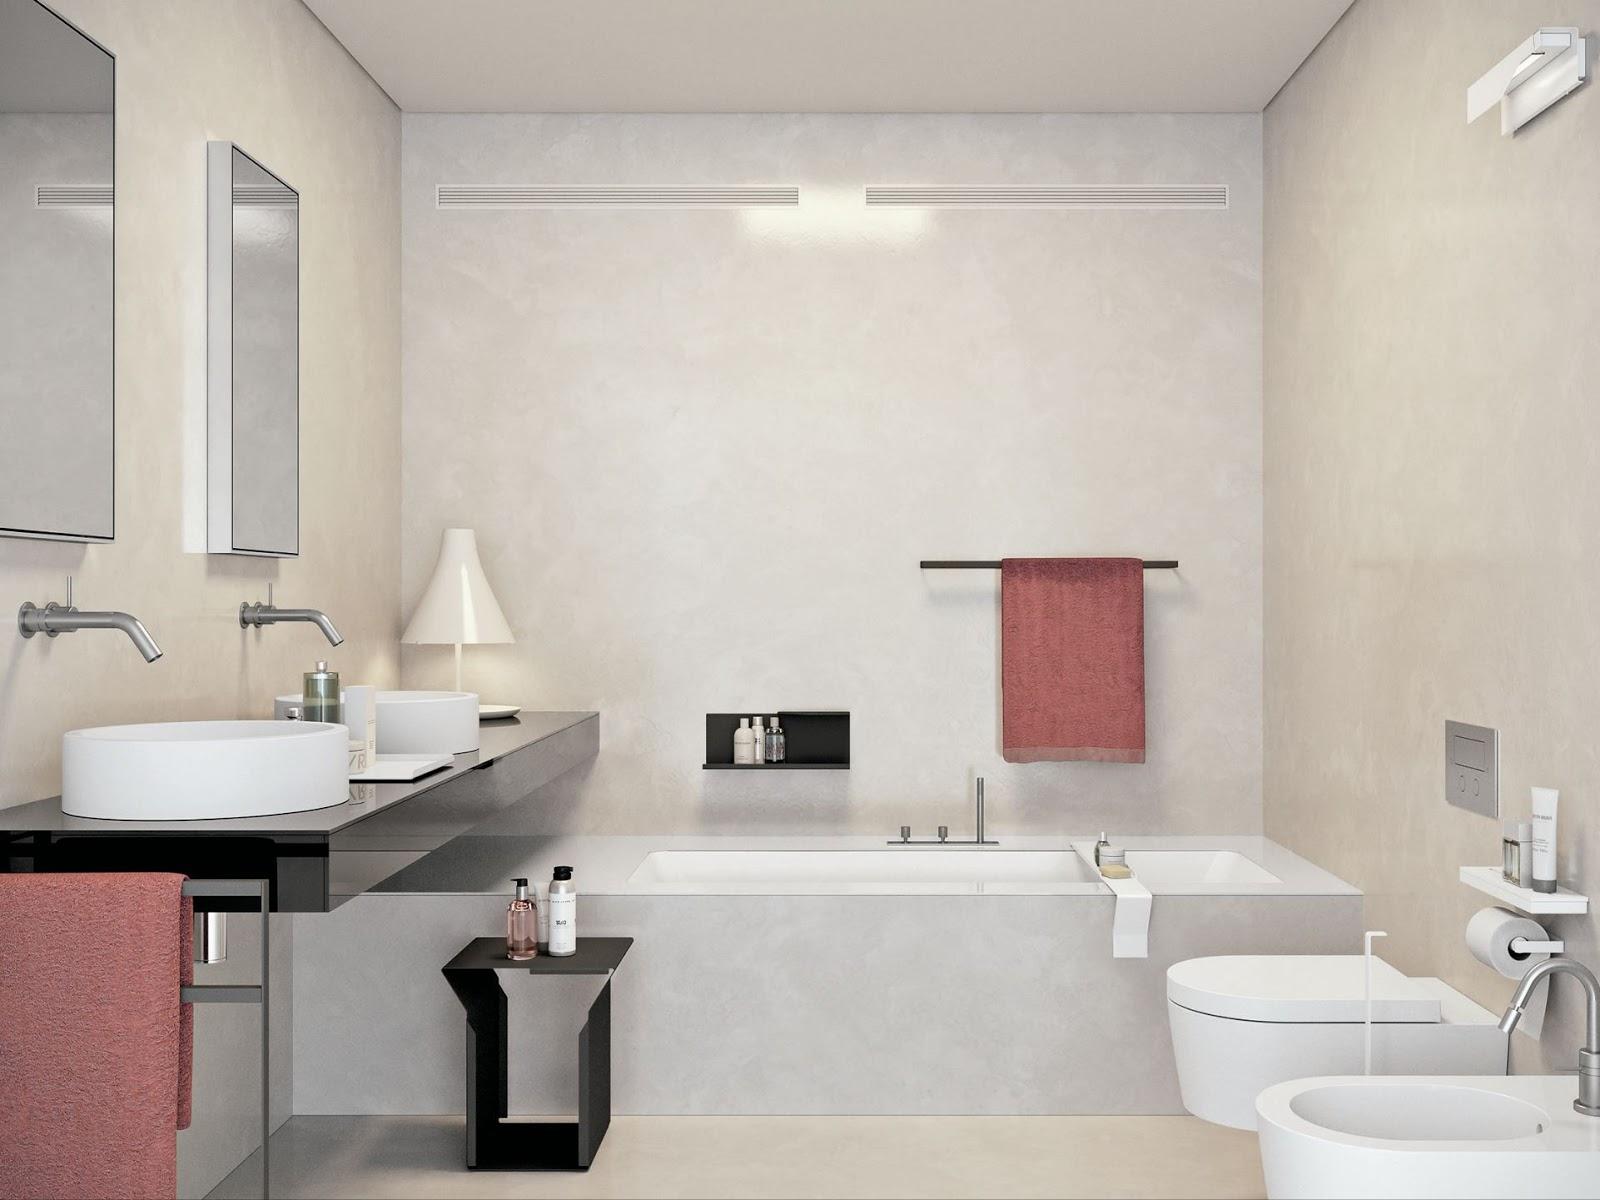 50 Desain Interior Kamar Mandi Kecil Sederhana Desainrumahnyacom